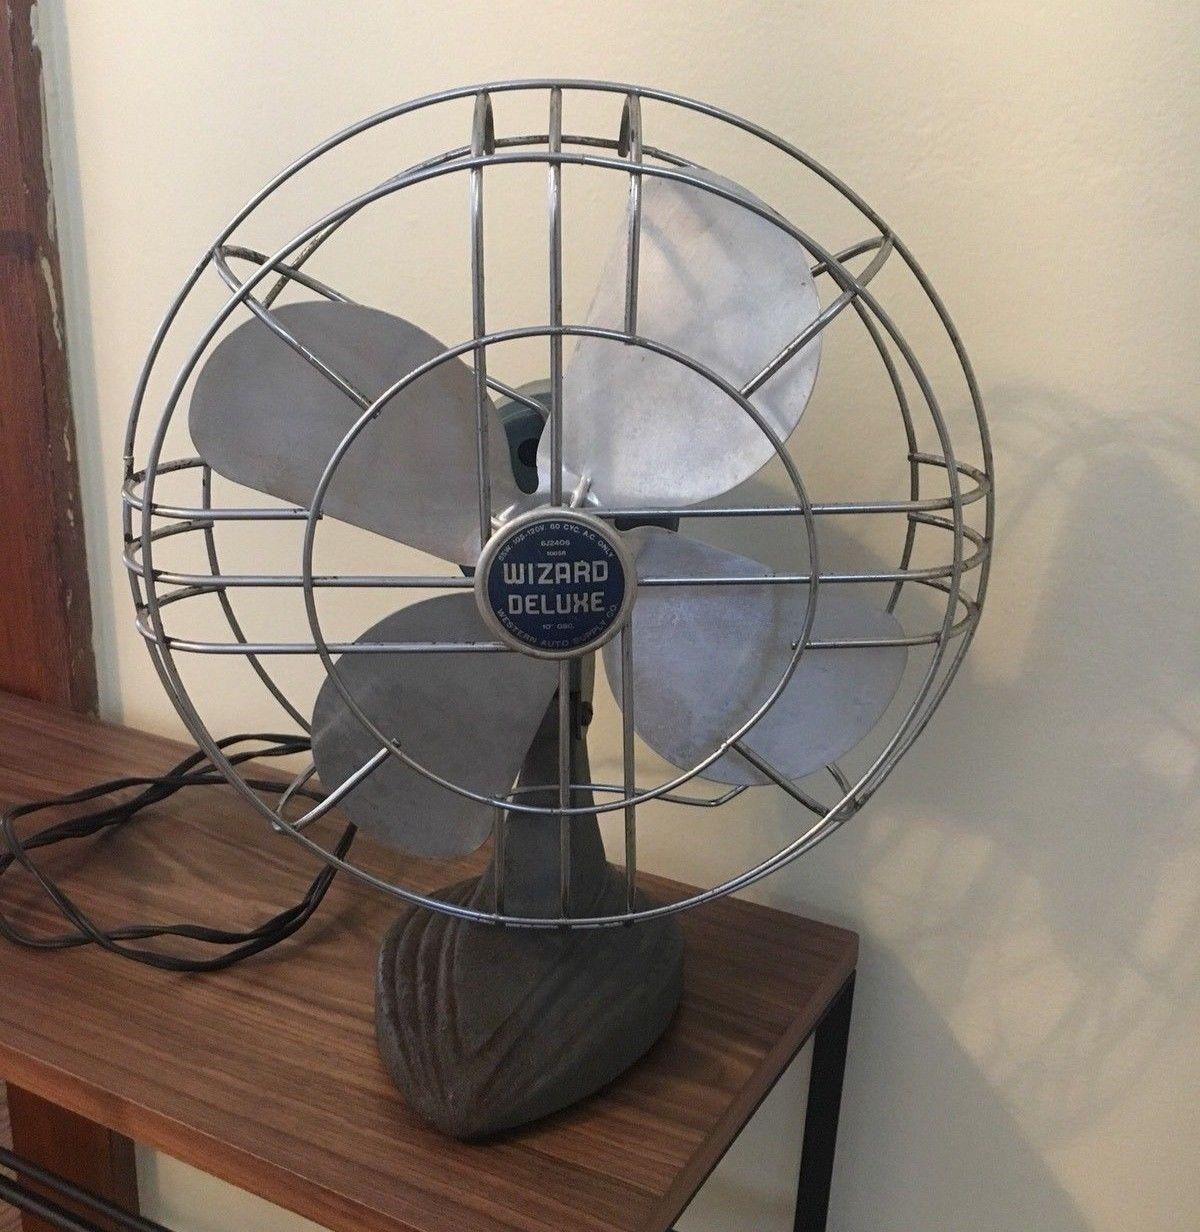 Vintage Electric Oscillating Fan 10 Wizard Deluxe Works Deco Oscillating Fans Fan Table Fan